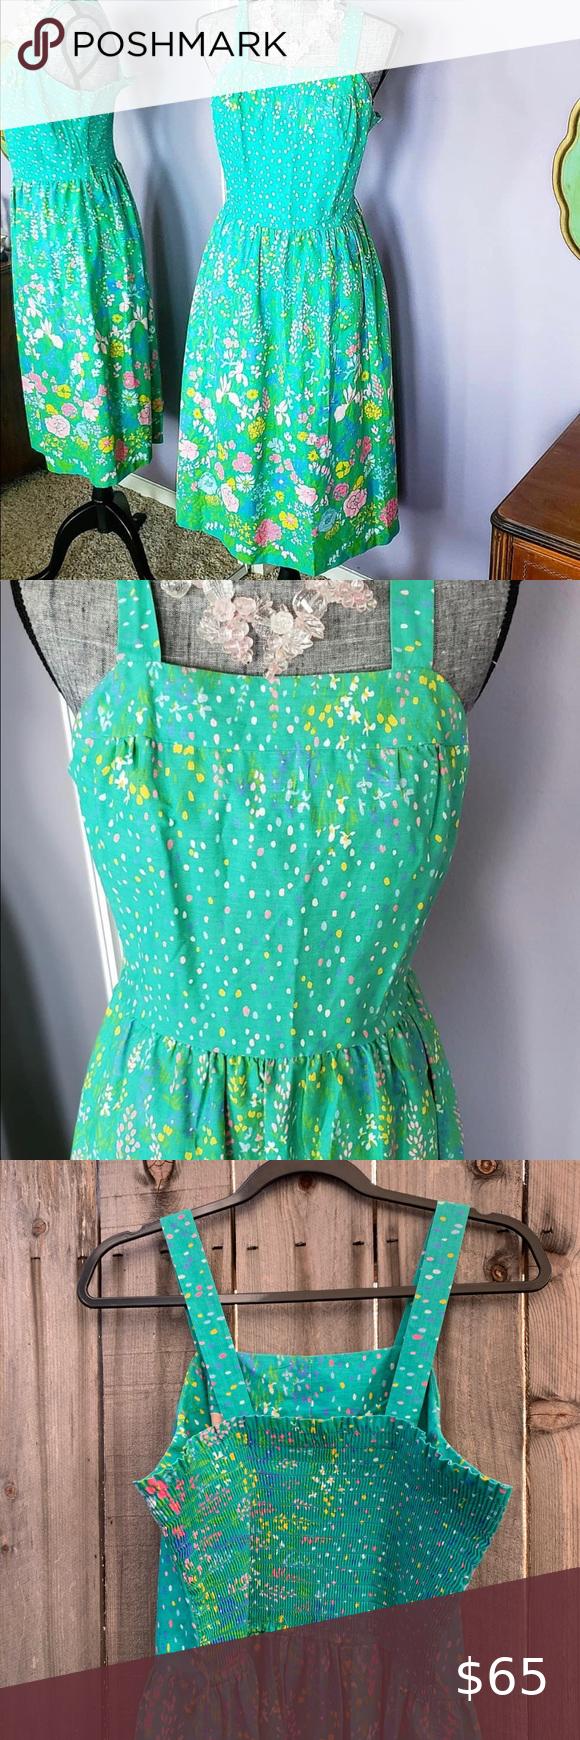 Sale 1960s Summer Dress Summer Dresses Vintage Summer Dresses Dresses [ 1740 x 580 Pixel ]